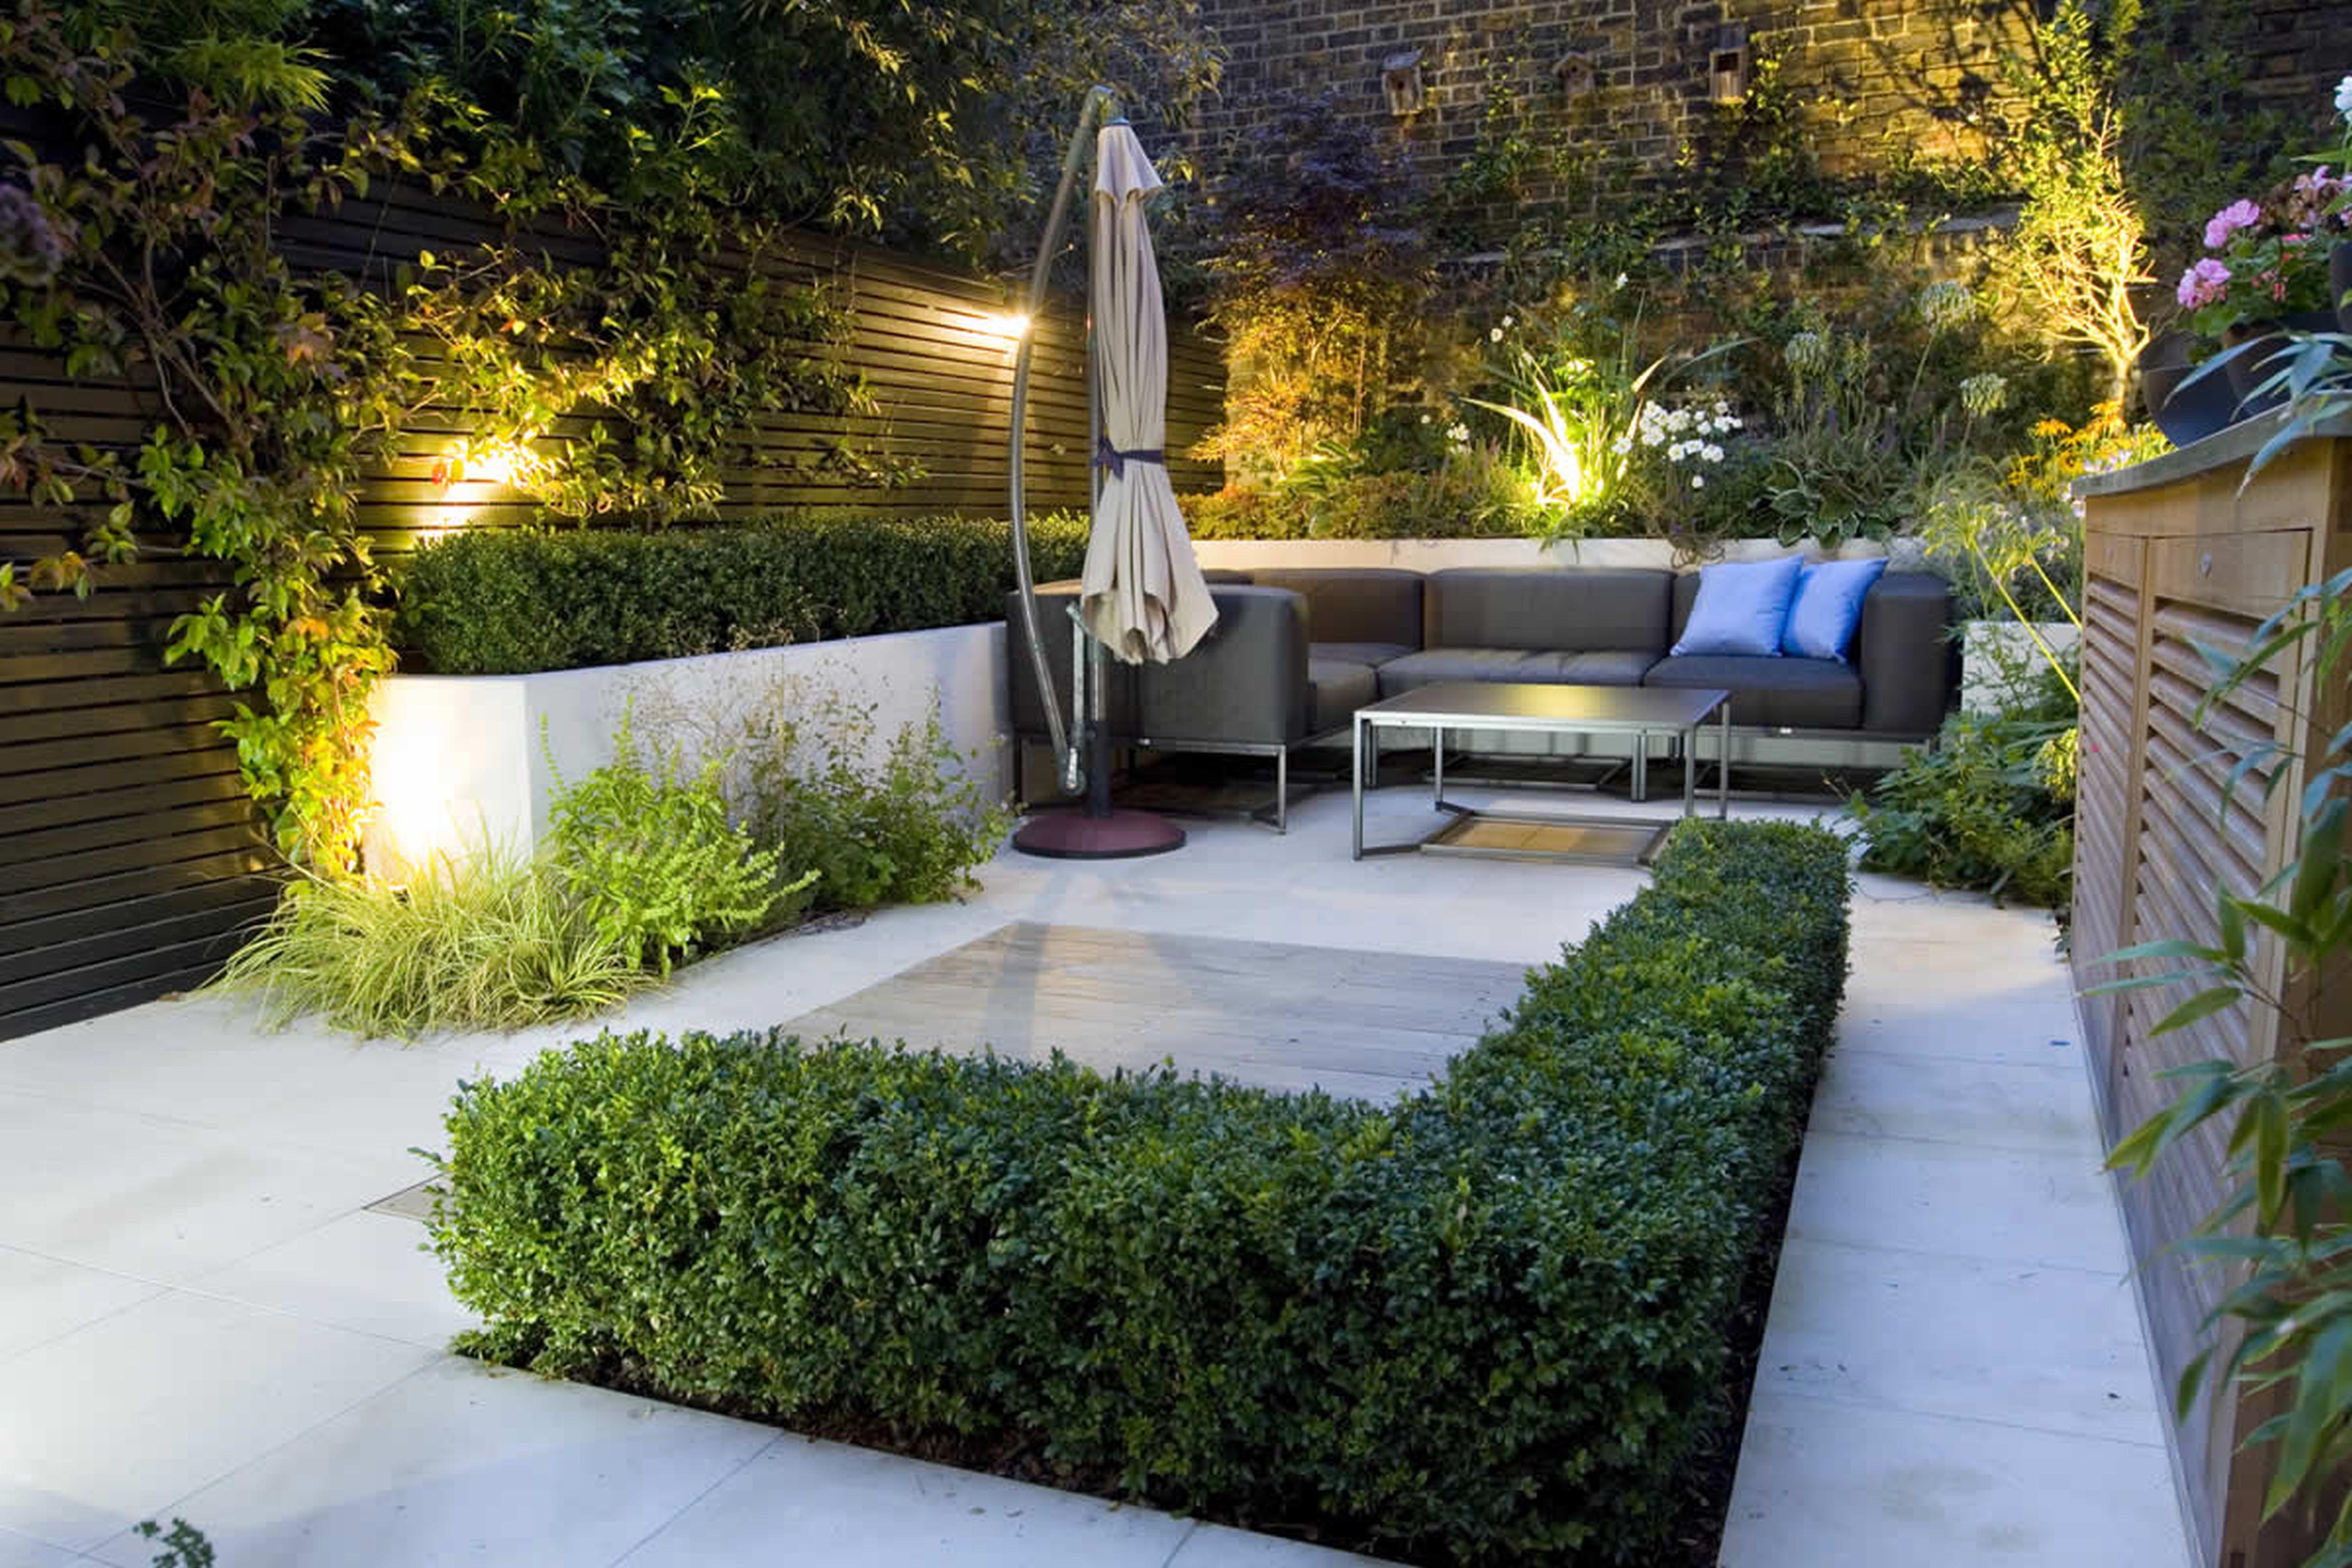 Exterior Beautiful Small Modern Garden Design Ideas With Modern